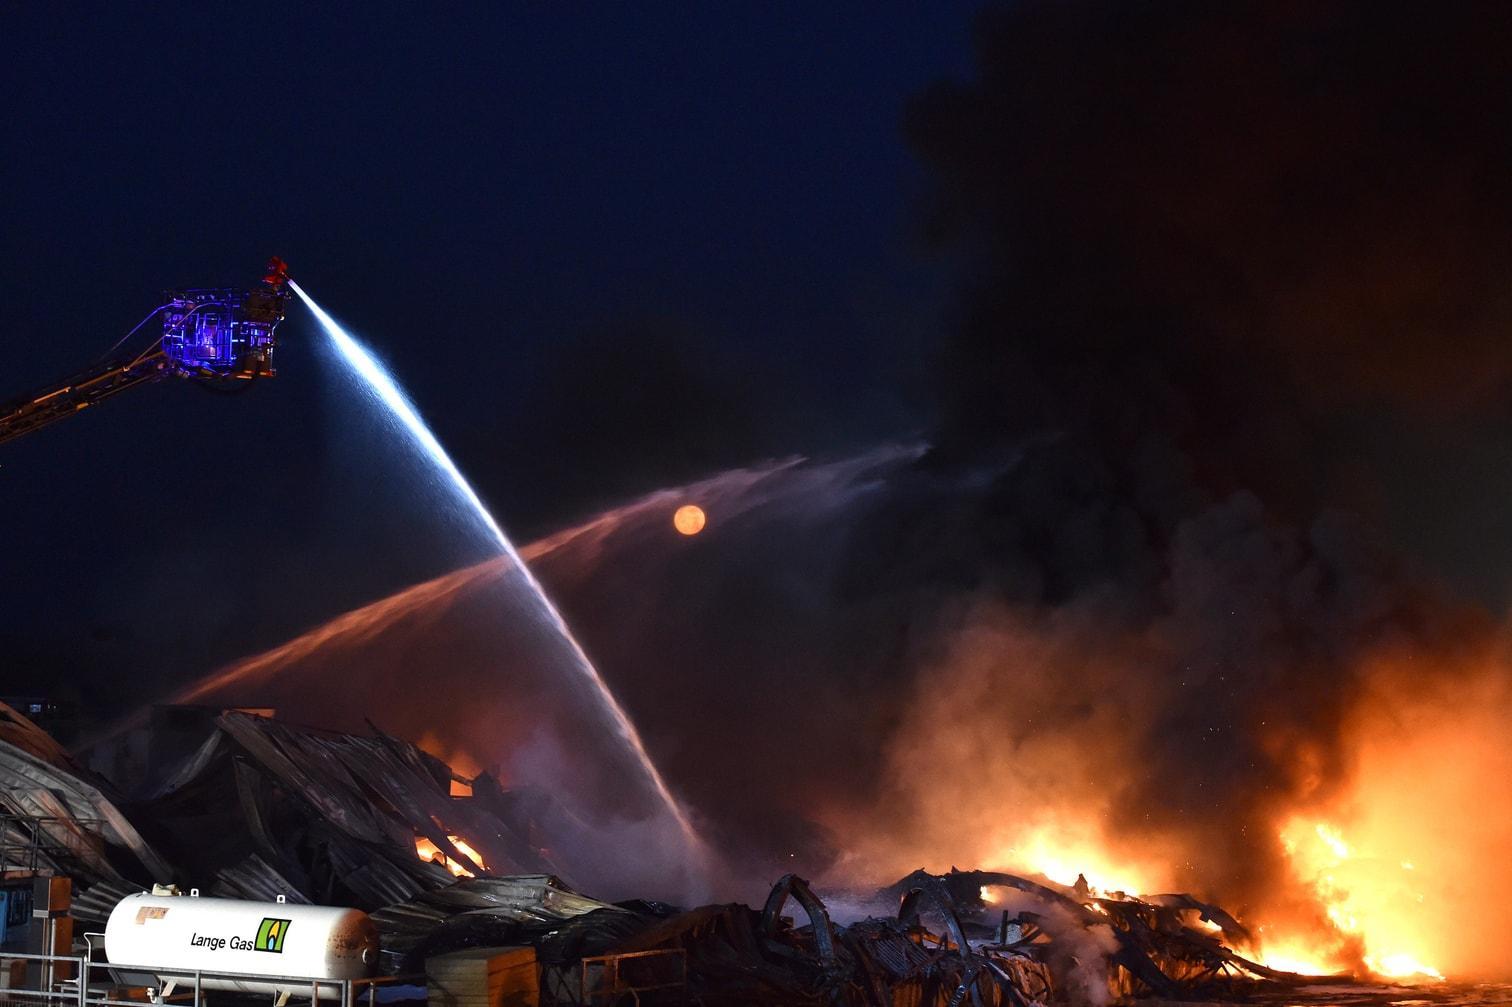 <p>Ein Betrieb in einem Gewerbegebiet geht in Flammen auf. Für die Bewohner von Lippstadt hält das Feuer eine böse Überraschung bereit. Über ihrer Stadt schwebt eine giftige Wolke</p> Foto: dpa